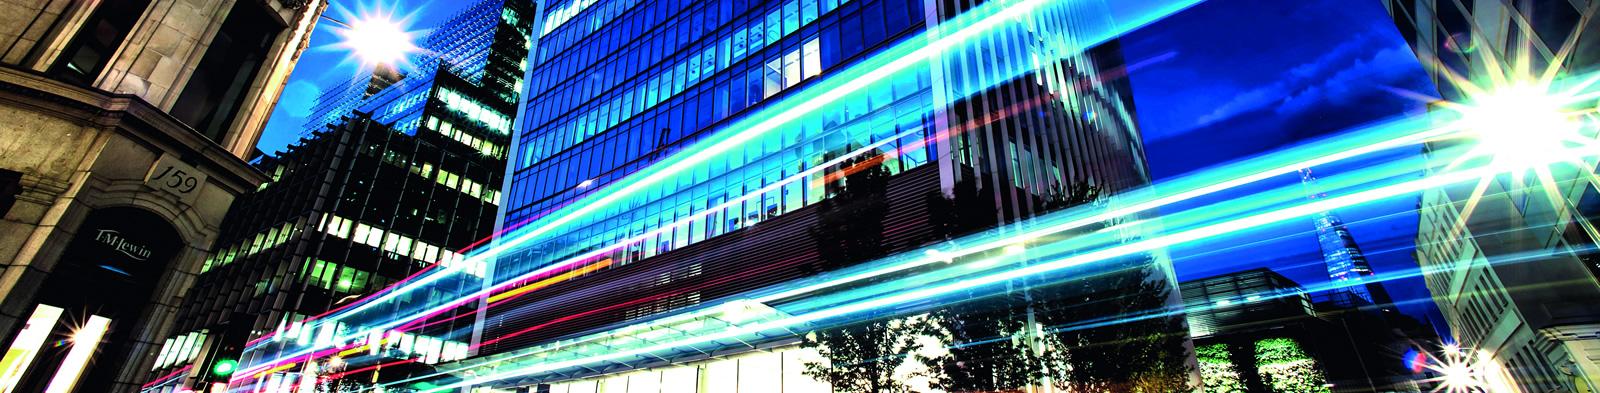 An illuminated London street